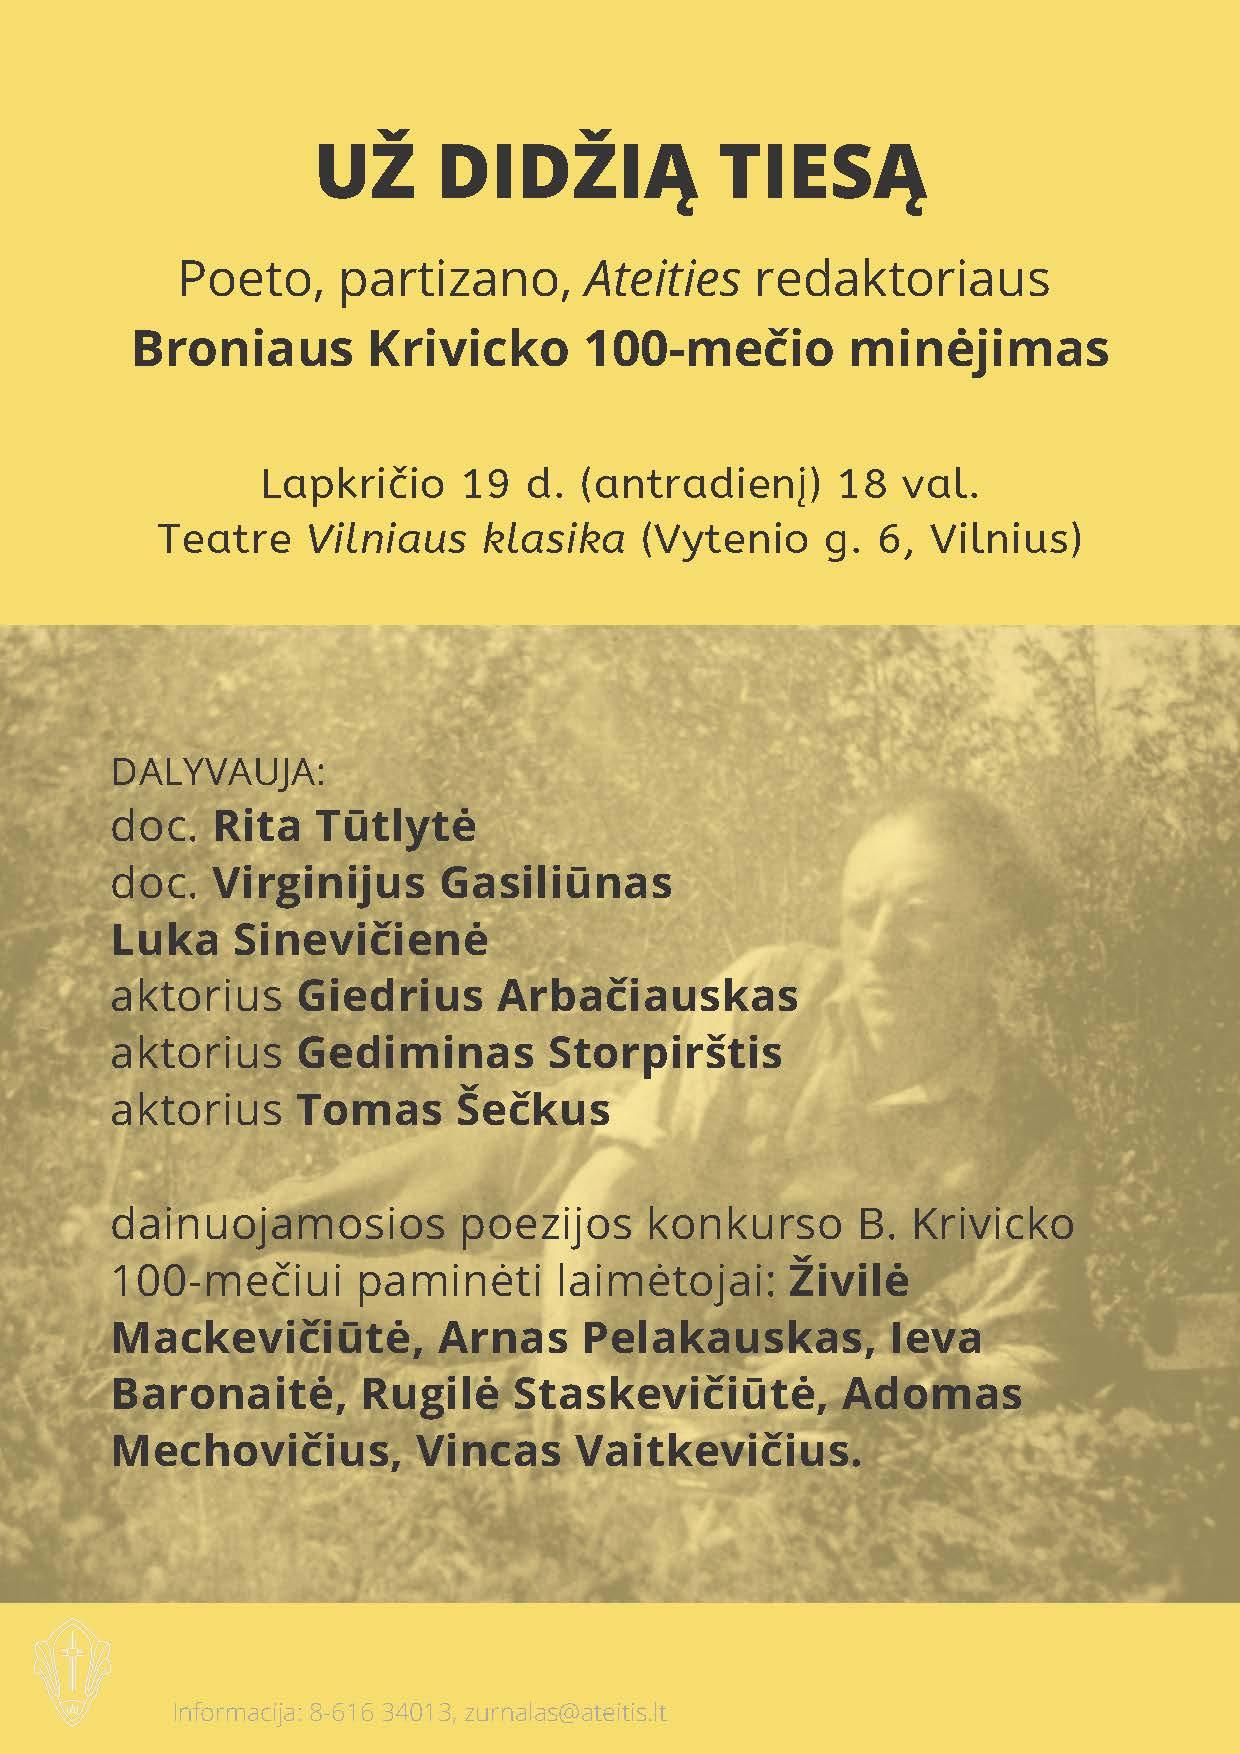 Krivickui-100